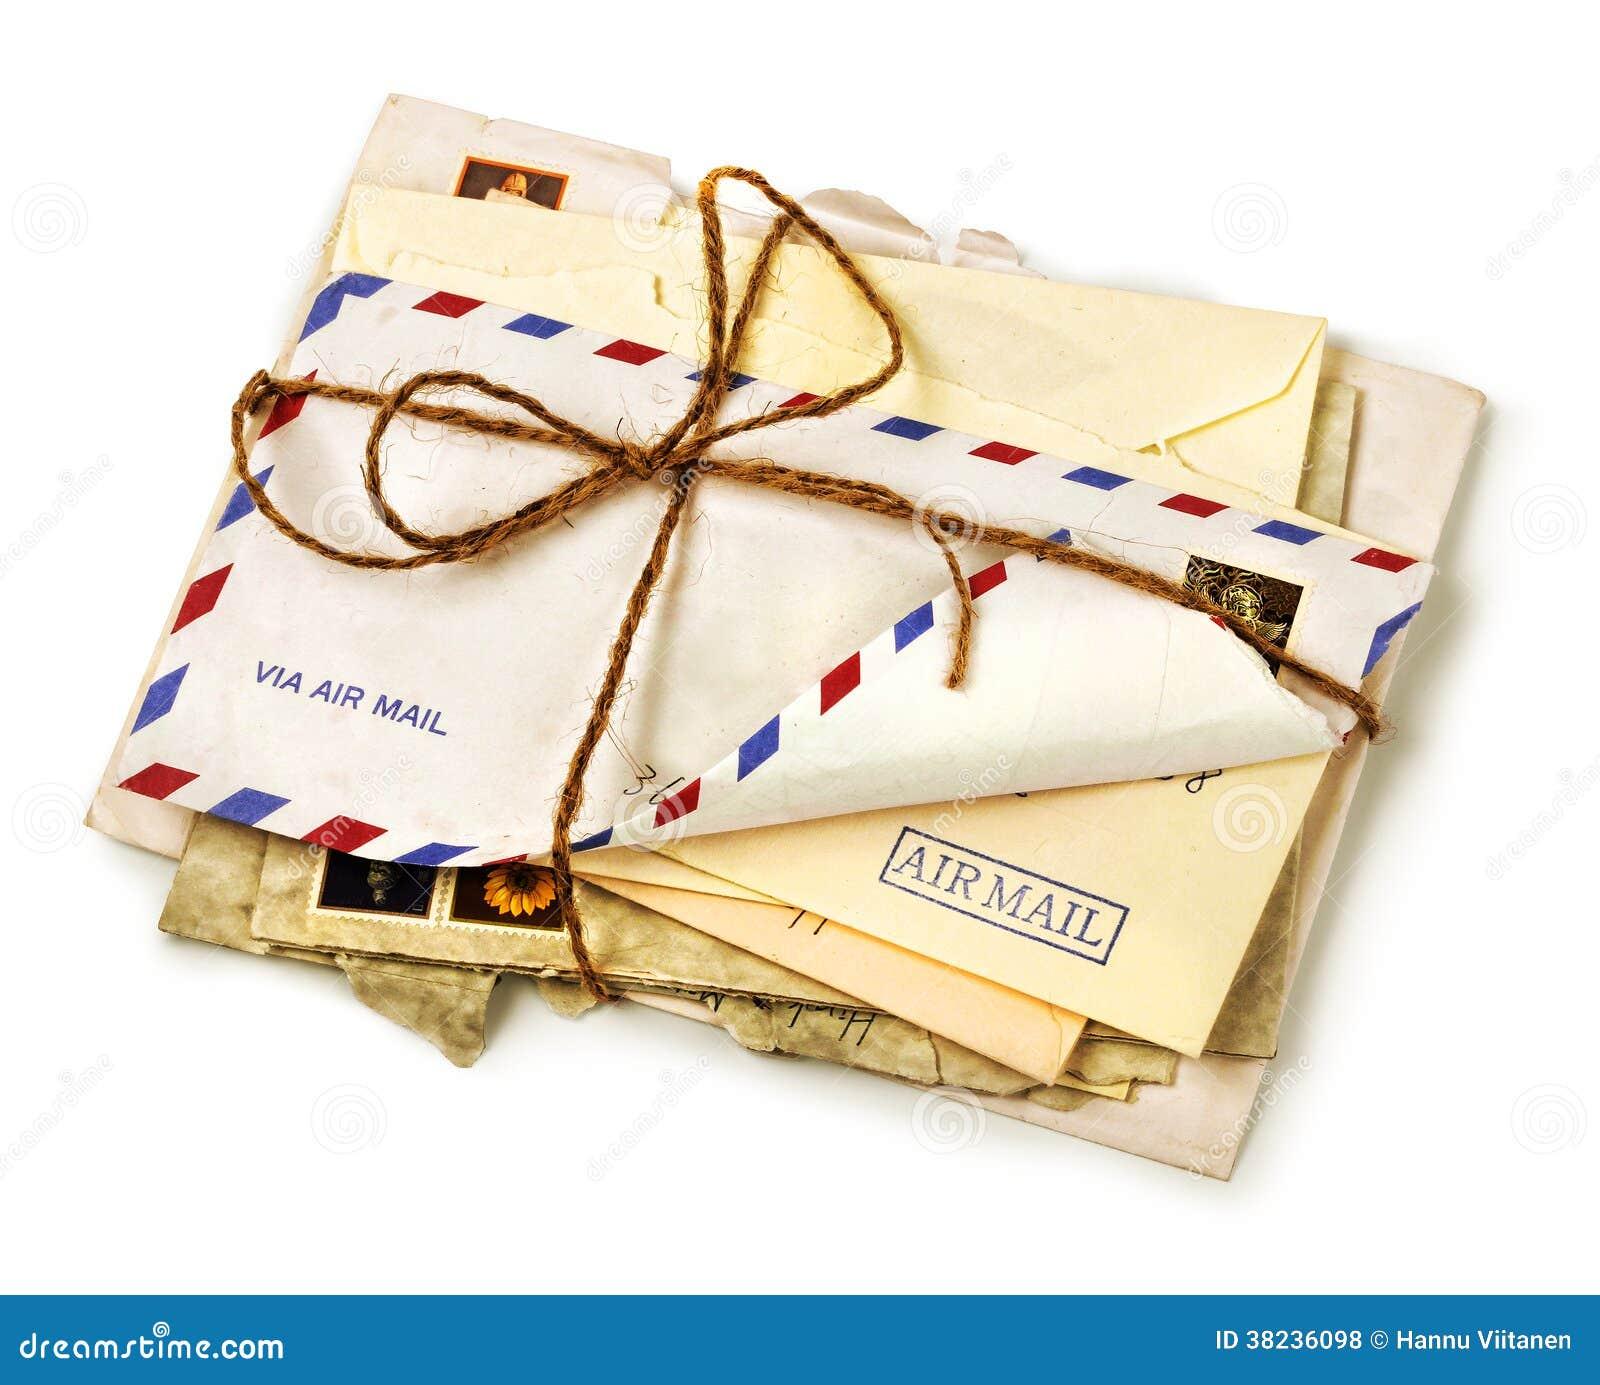 Stapel van oude luchtpostbrieven